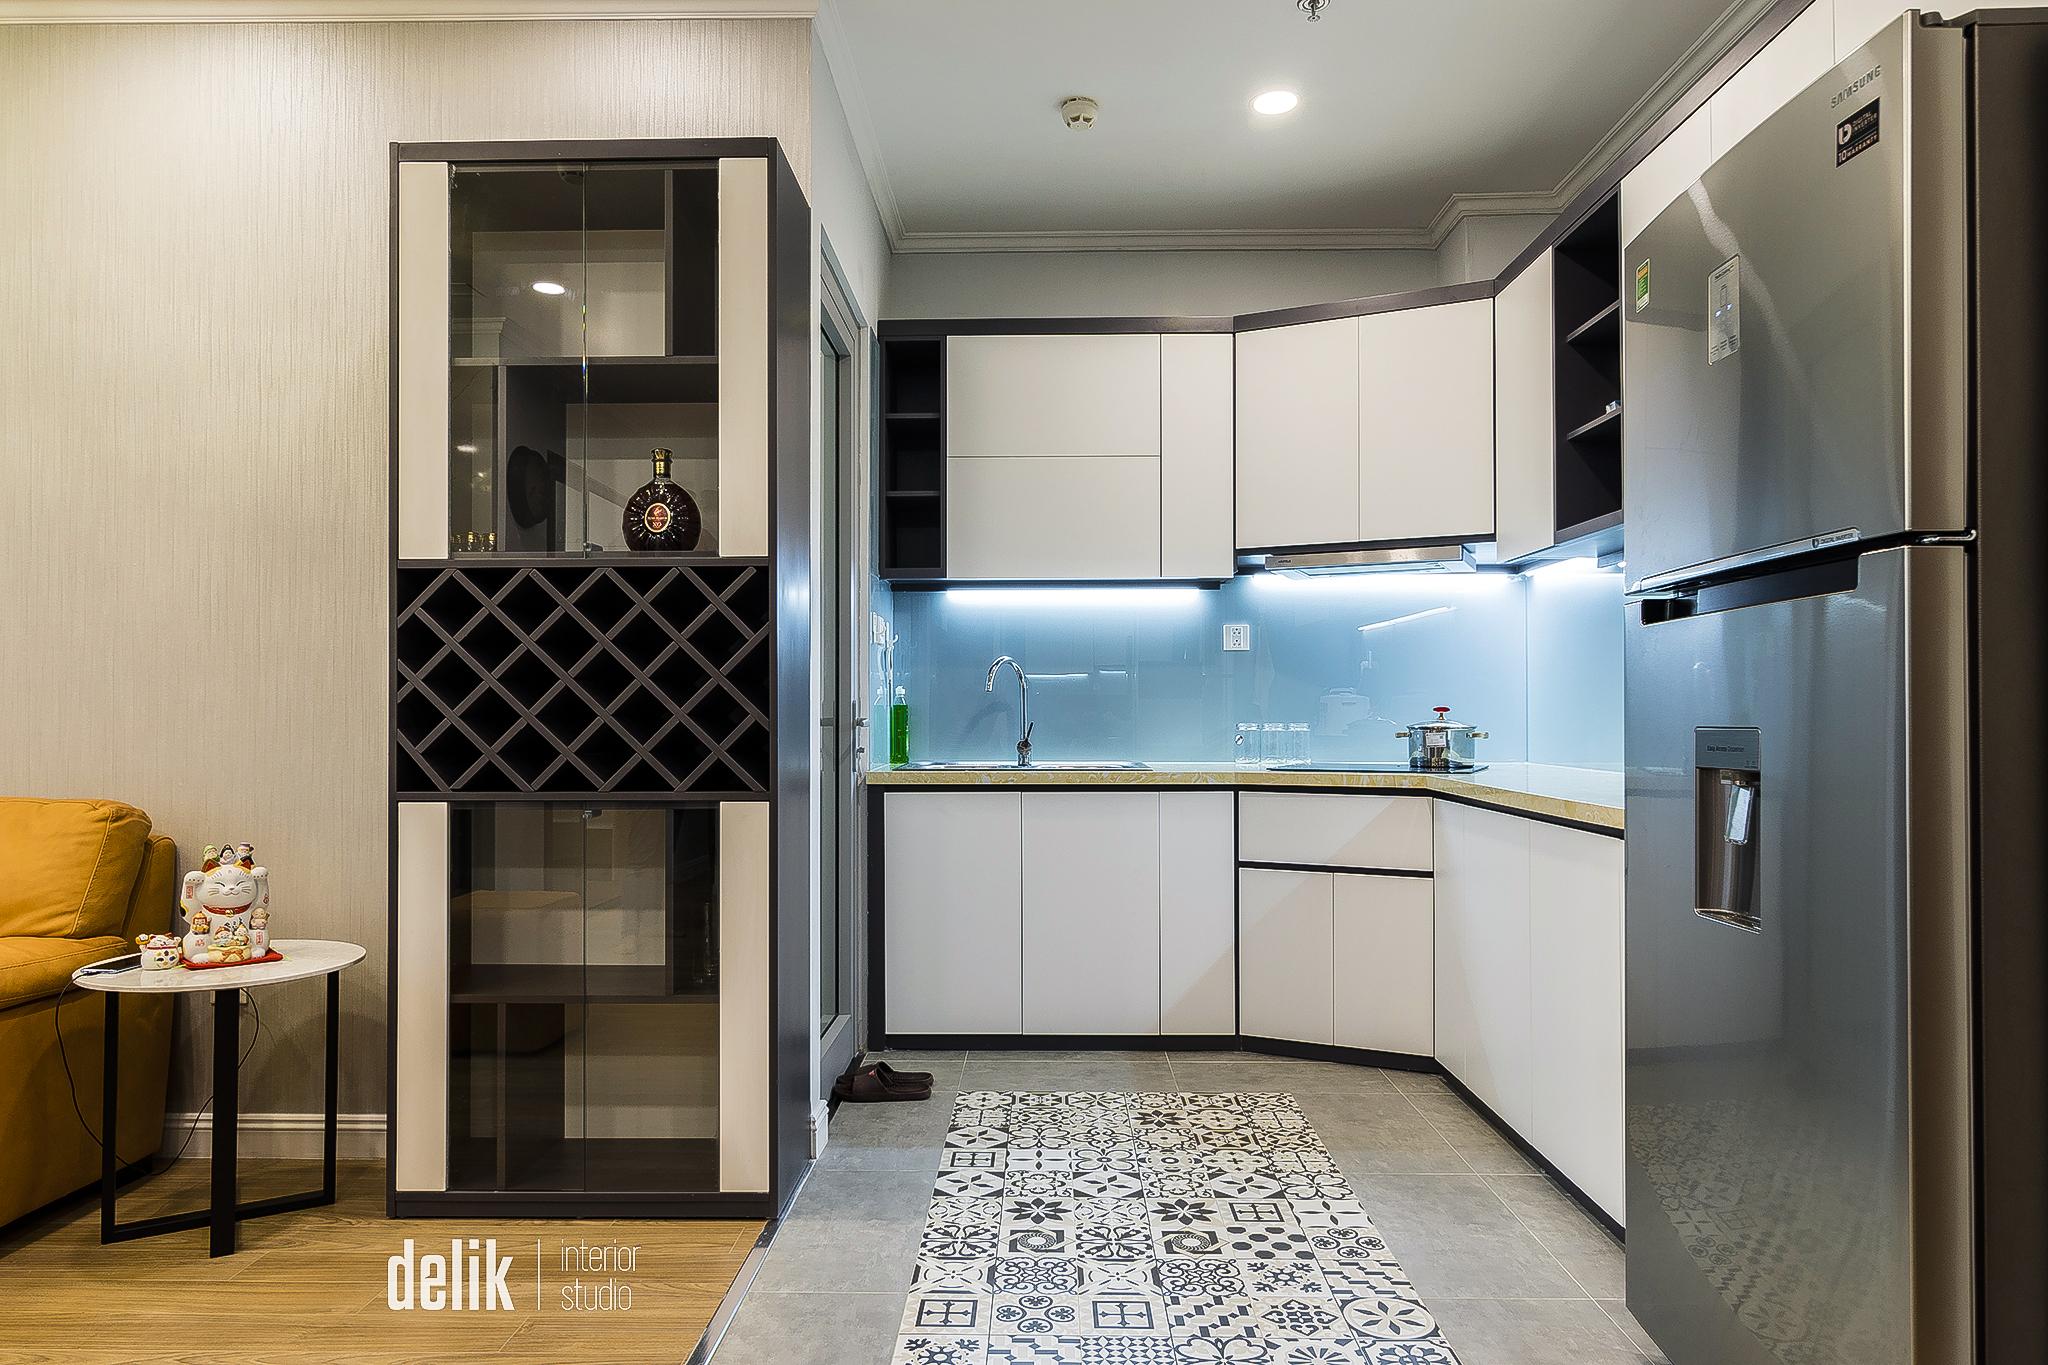 thiết kế nội thất chung cư tại Hà Nội Vinhomes Gardenia 3 1547478869